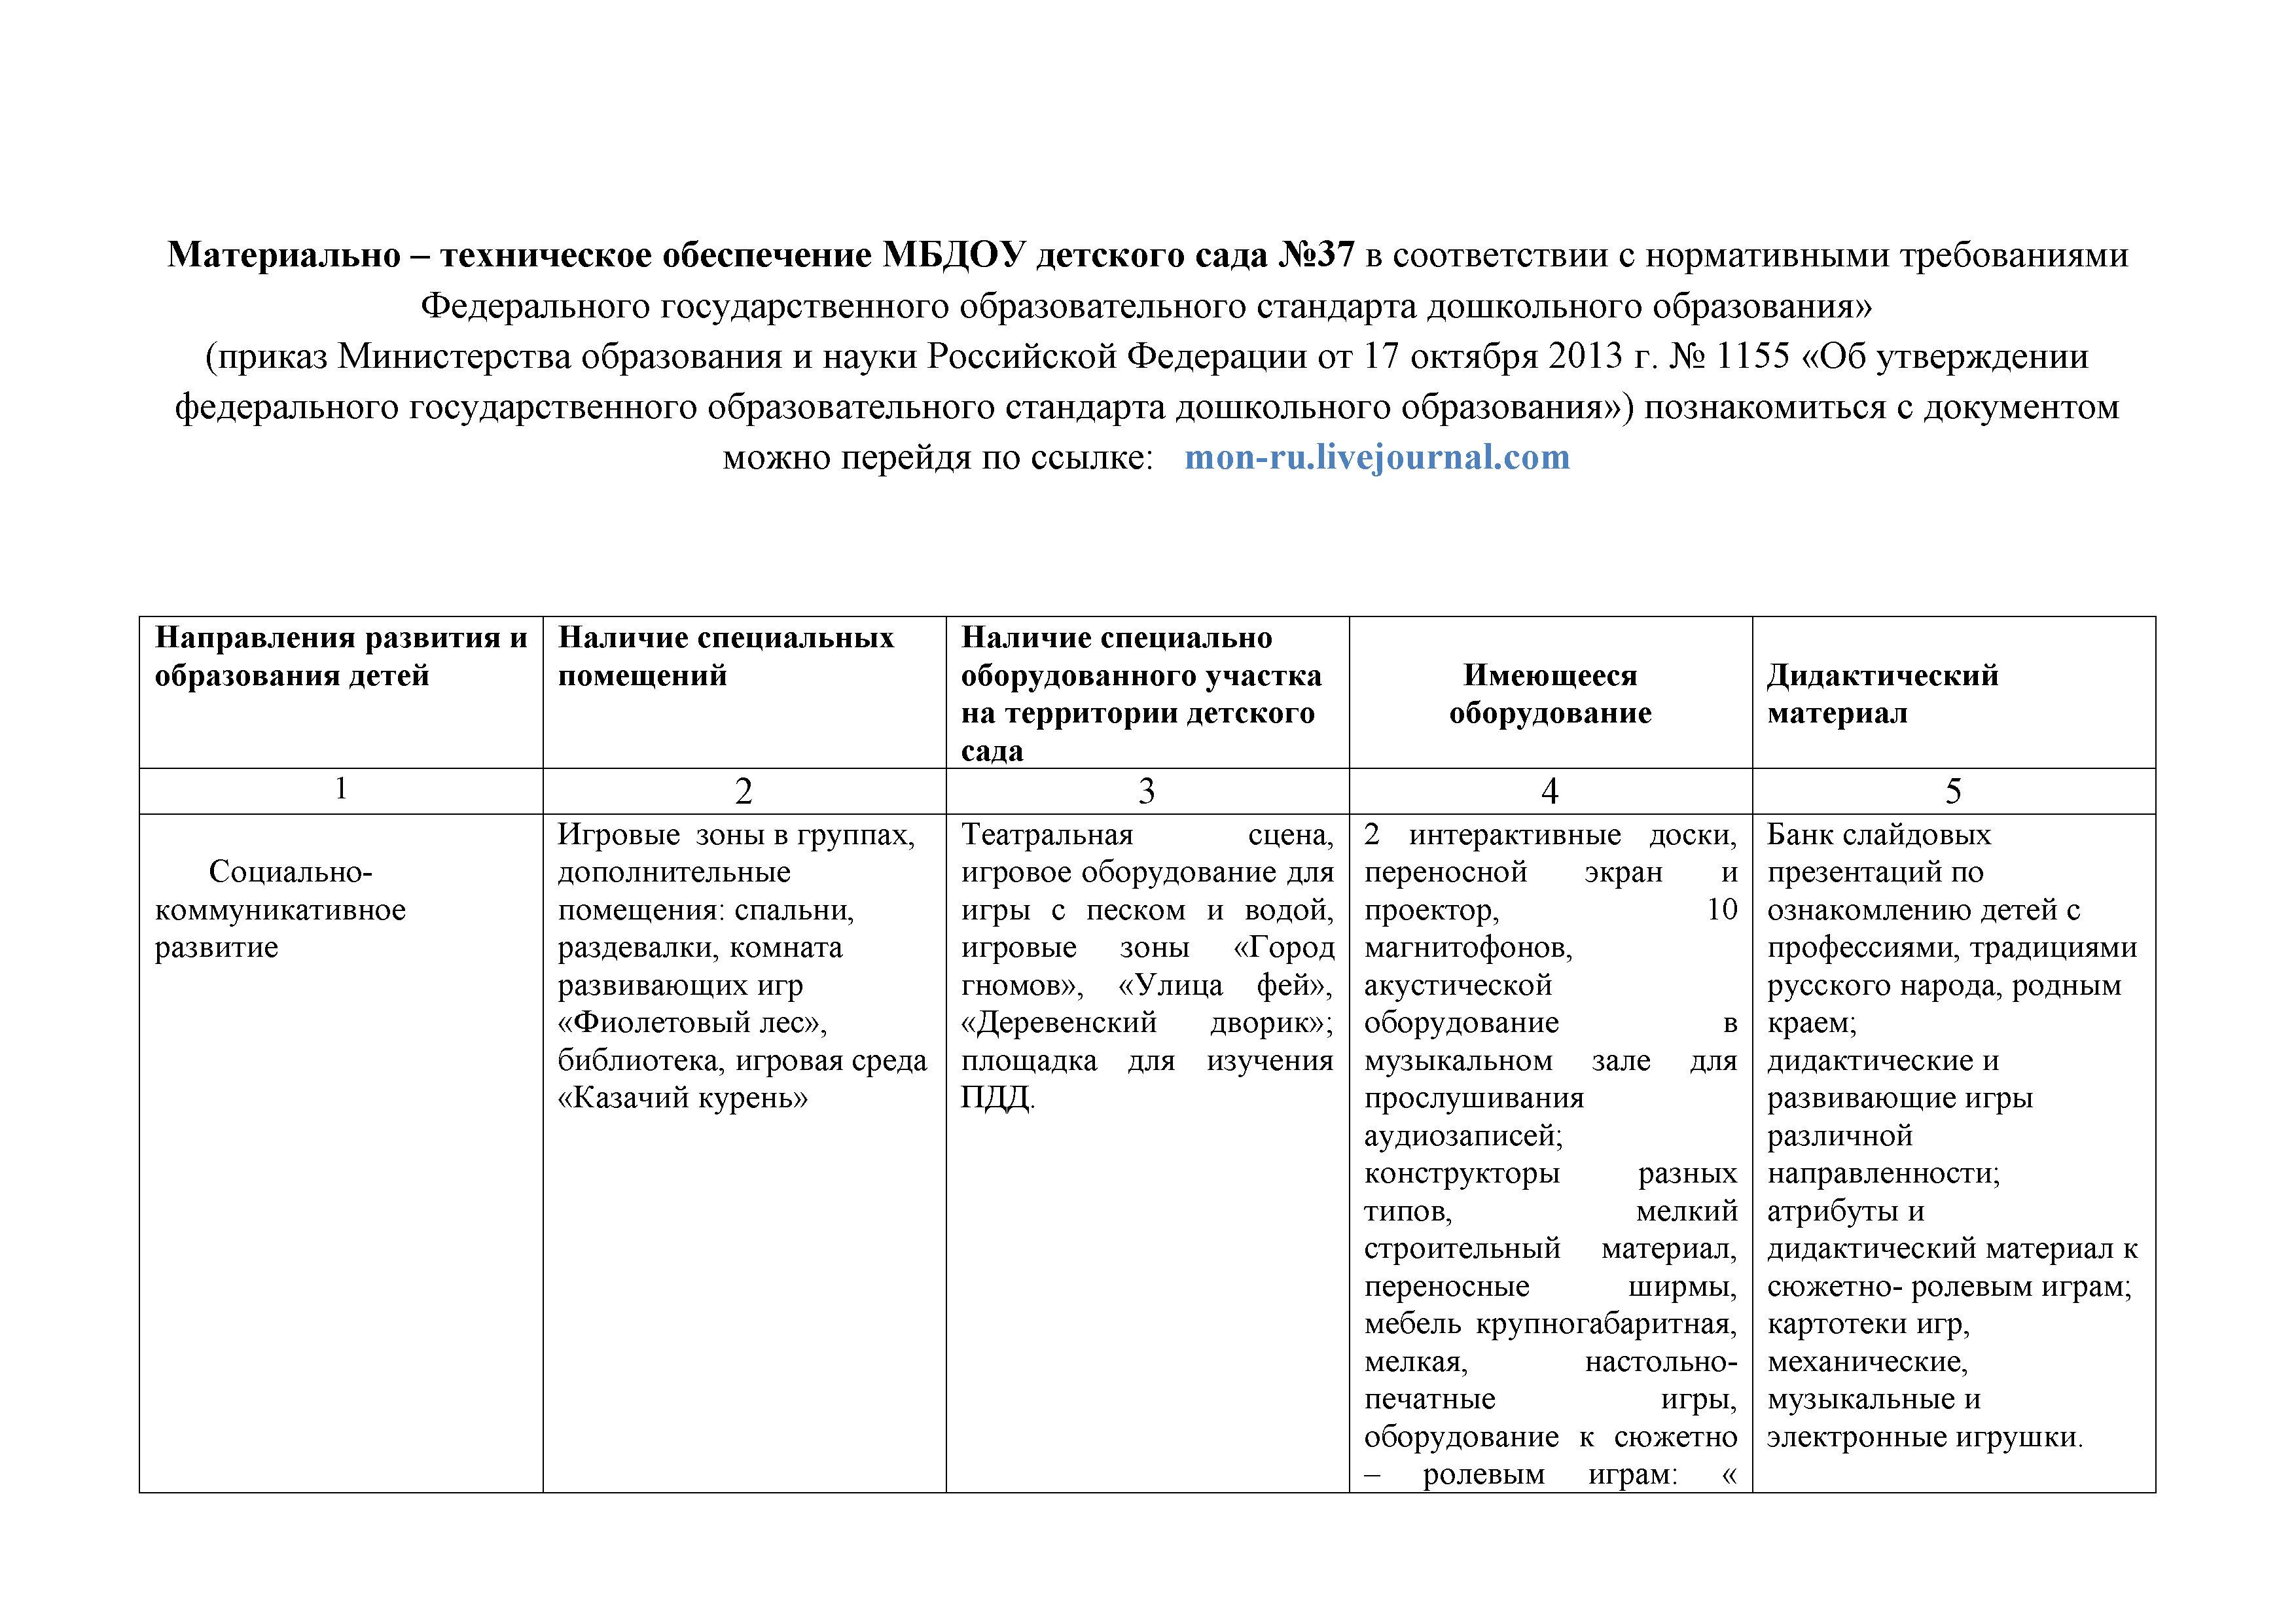 замена Материально техническое об в папке образовательная деятельность ДОУ__37